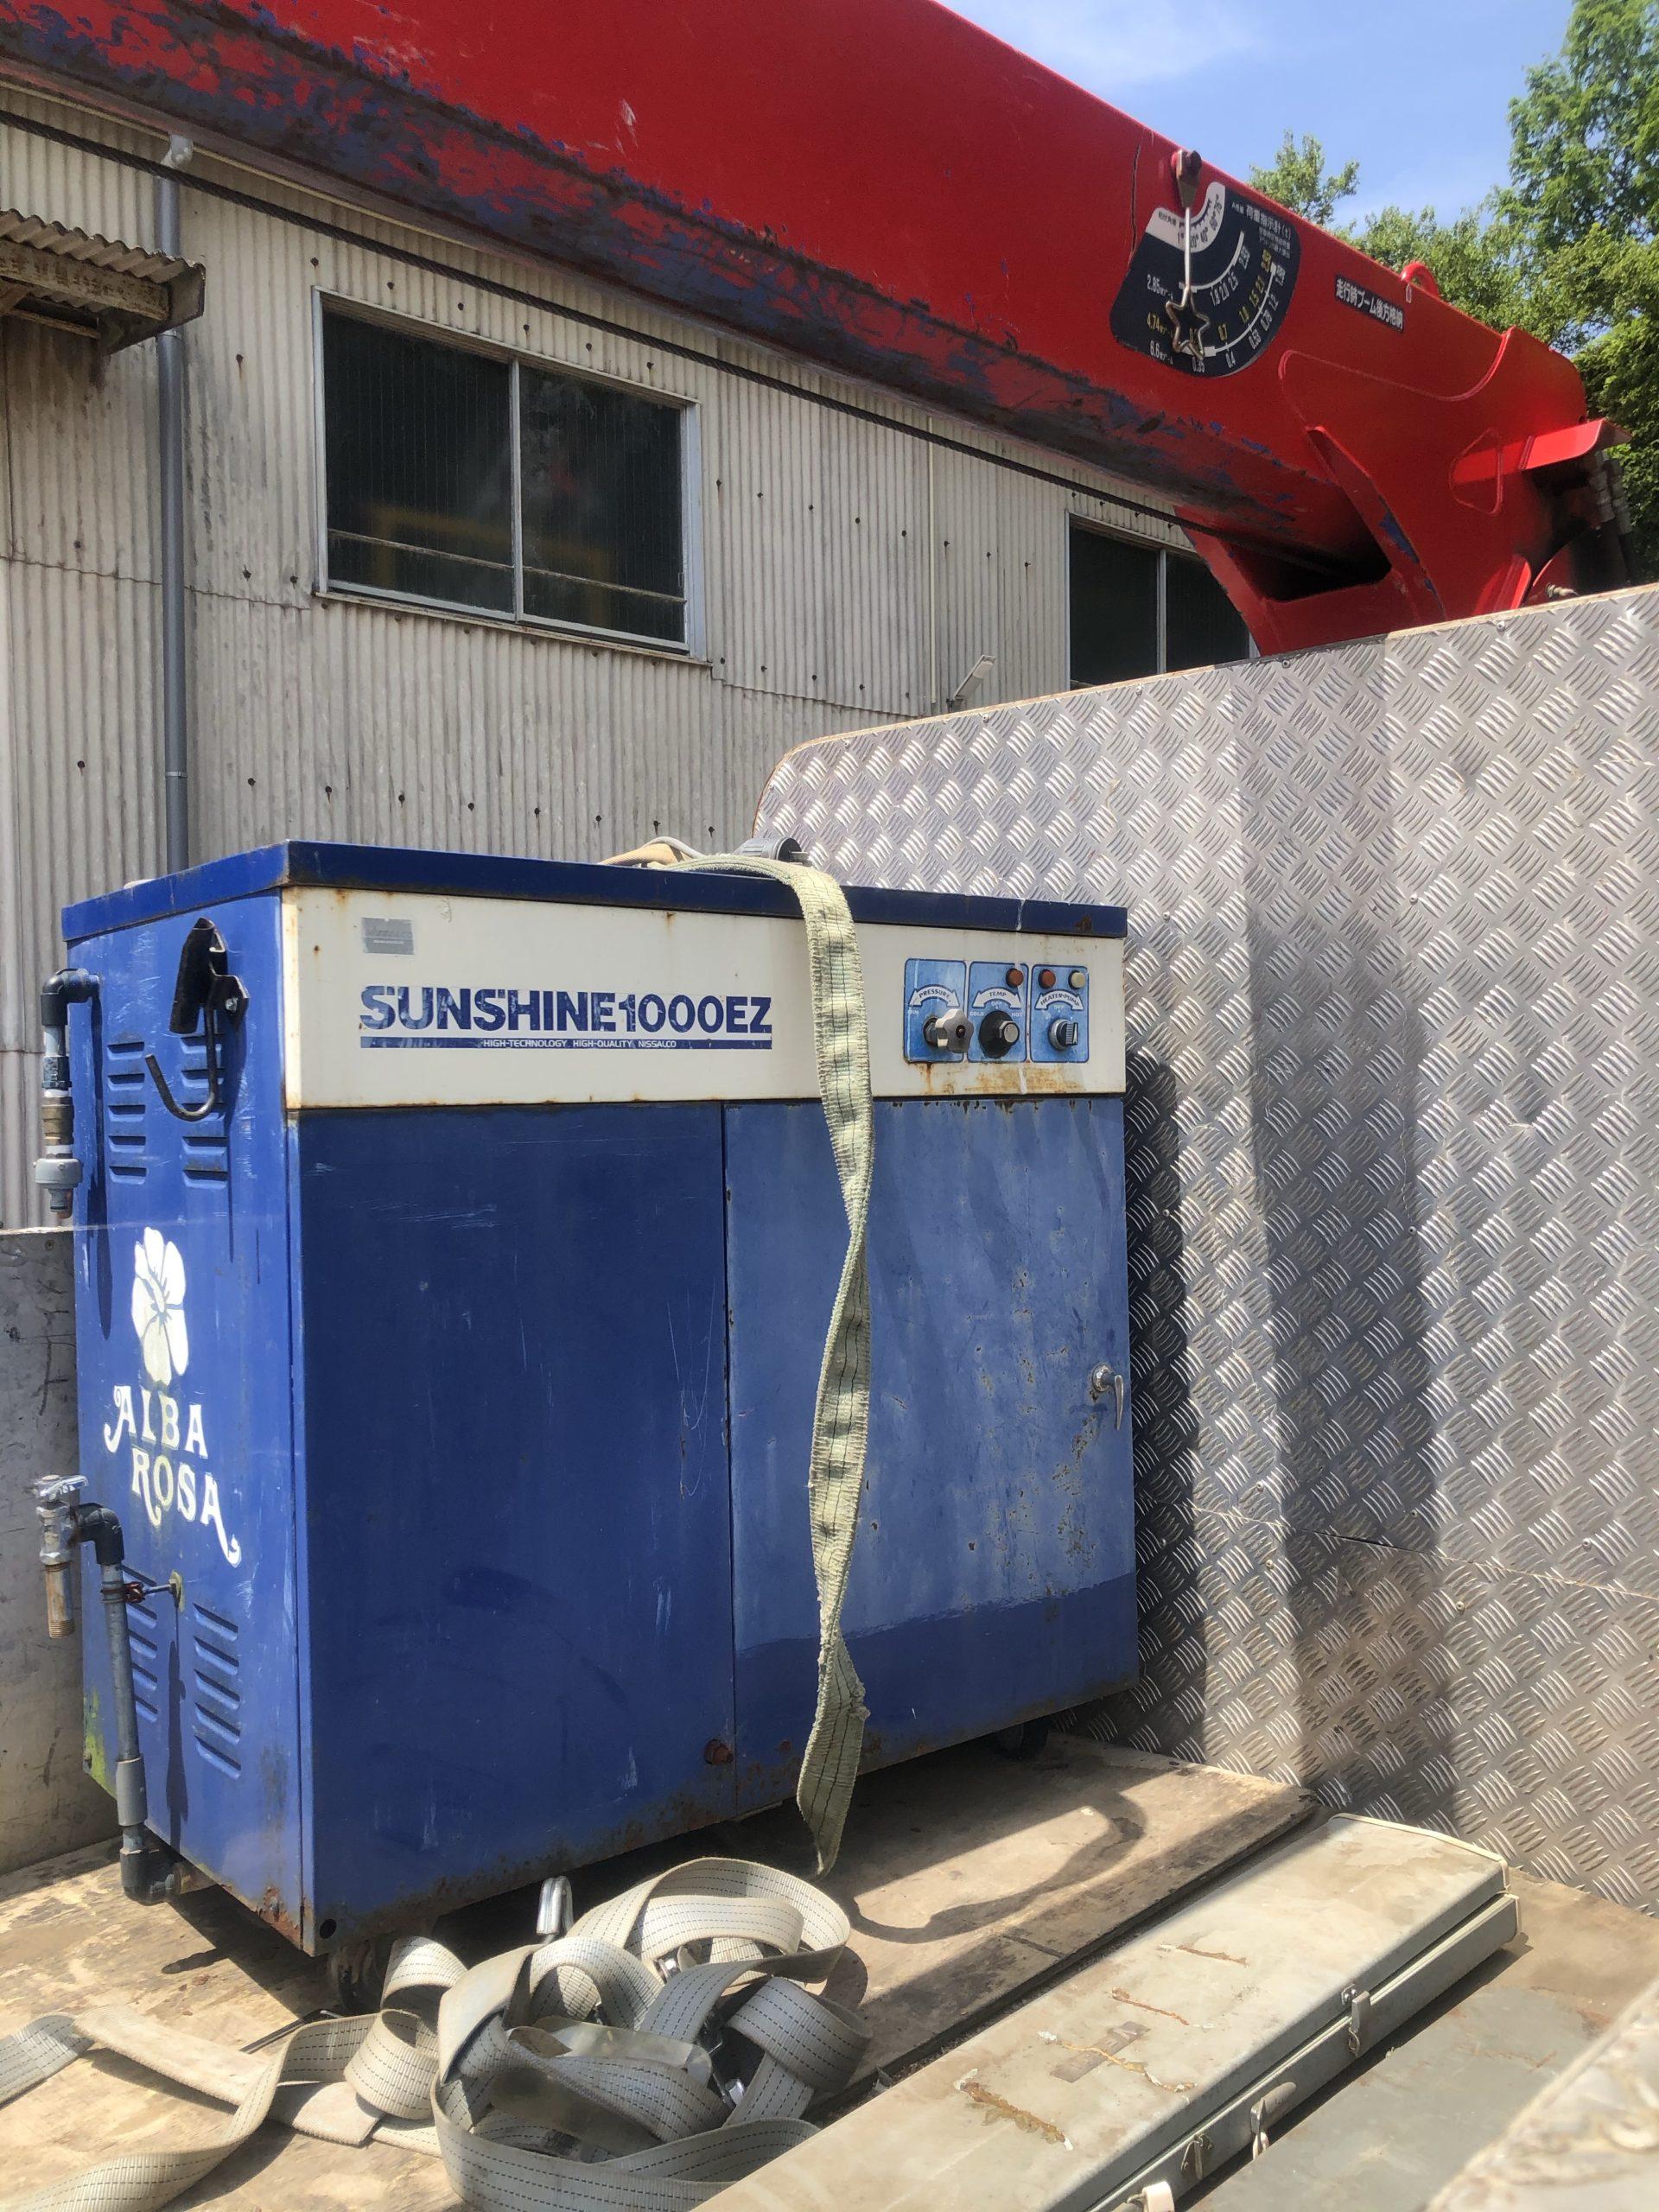 津市や四日市市、伊勢市で不用品回収や処分、家屋解体工事の見積り業者なら株式会社kousui